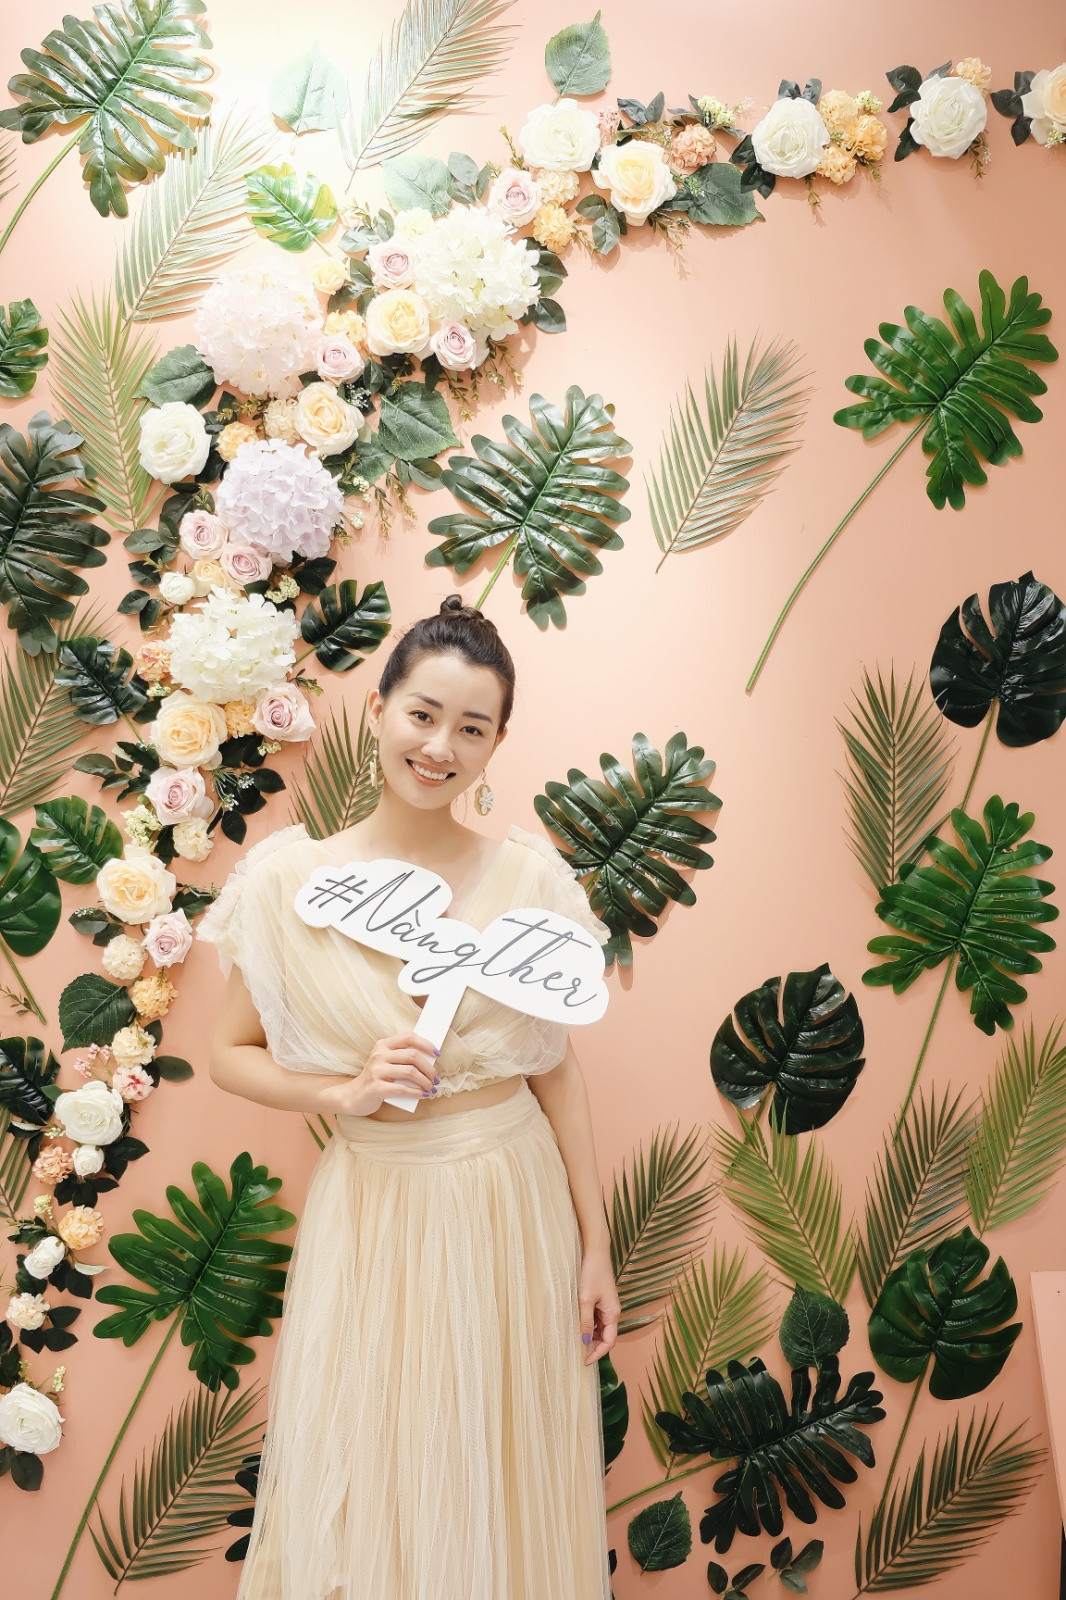 MC Quỳnh Chi ra mắt thương hiệu thời trang Ther Design - Ảnh 1.